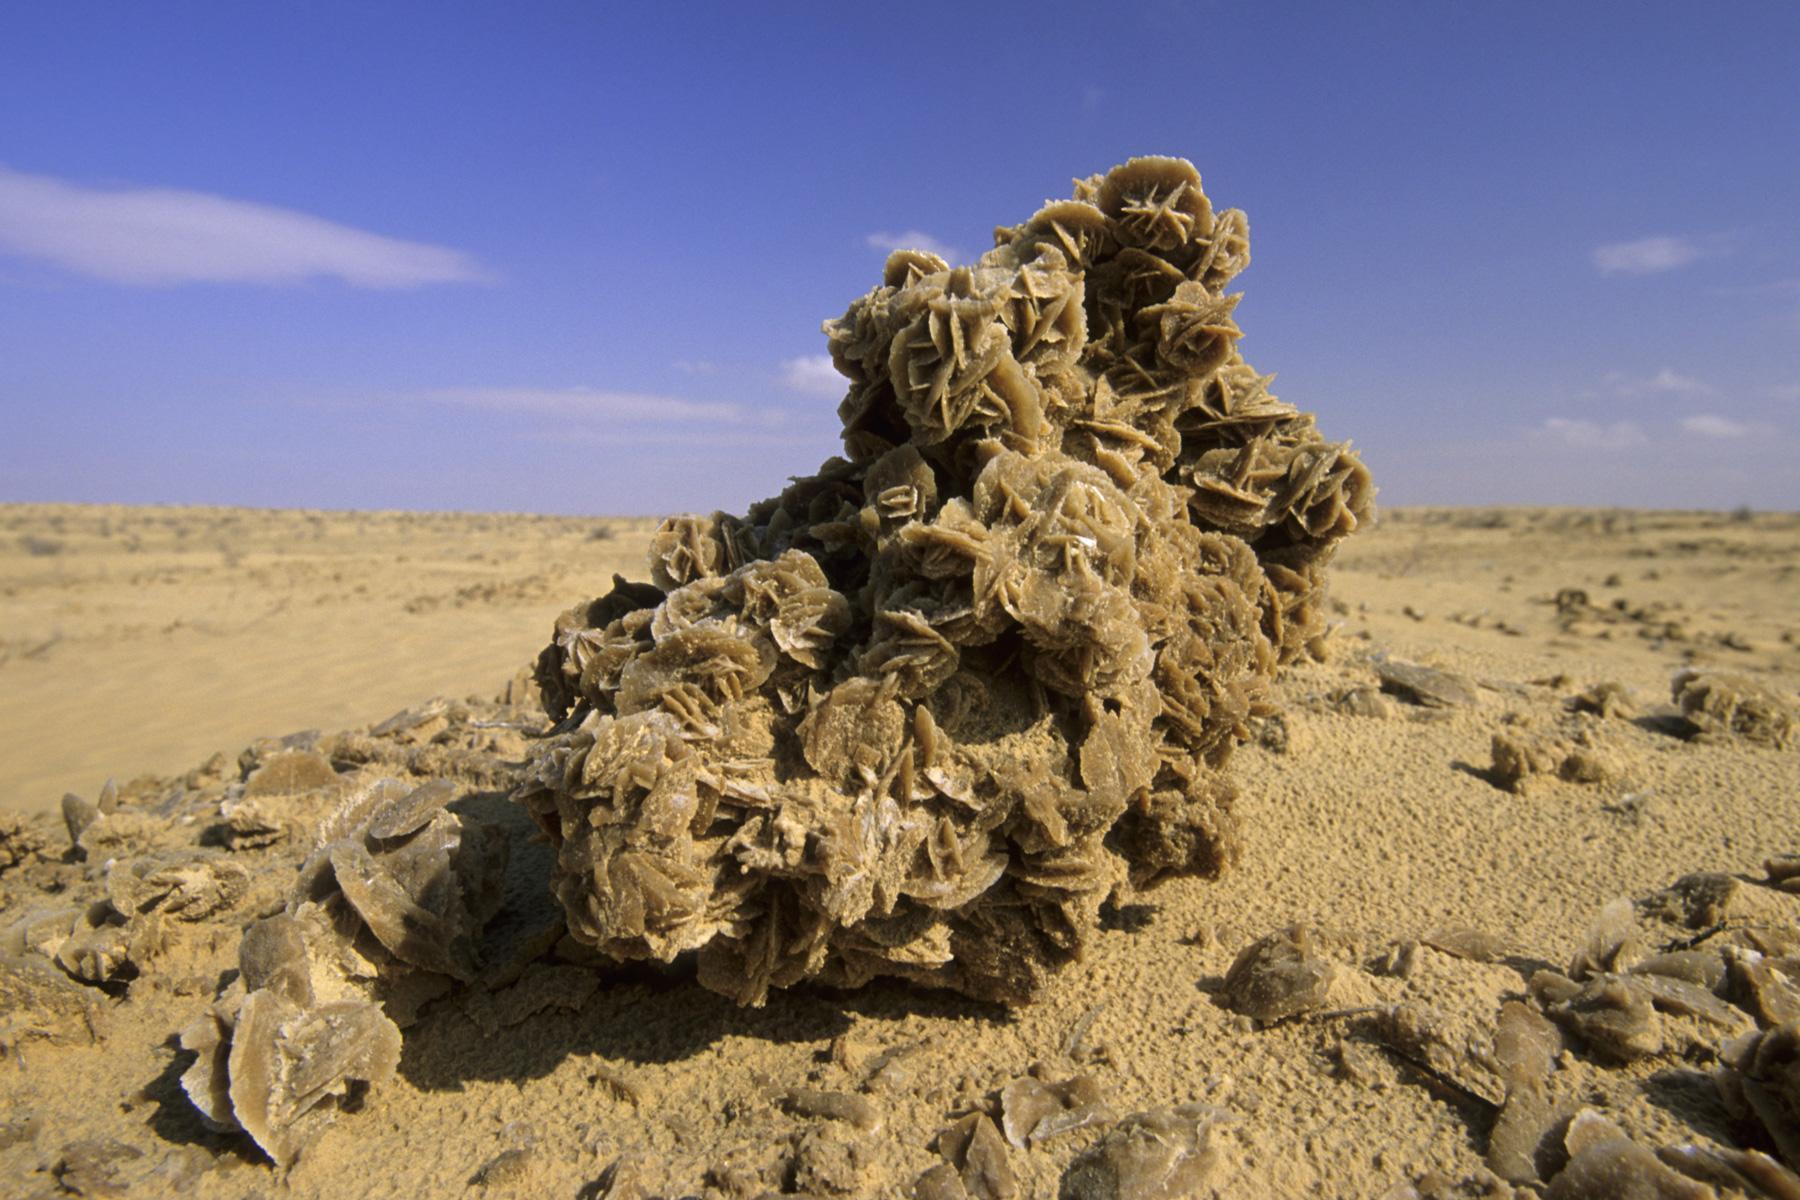 photo sud tunisien rose des sables dans la r gion d 39 el faouar philippe crochet photographe. Black Bedroom Furniture Sets. Home Design Ideas